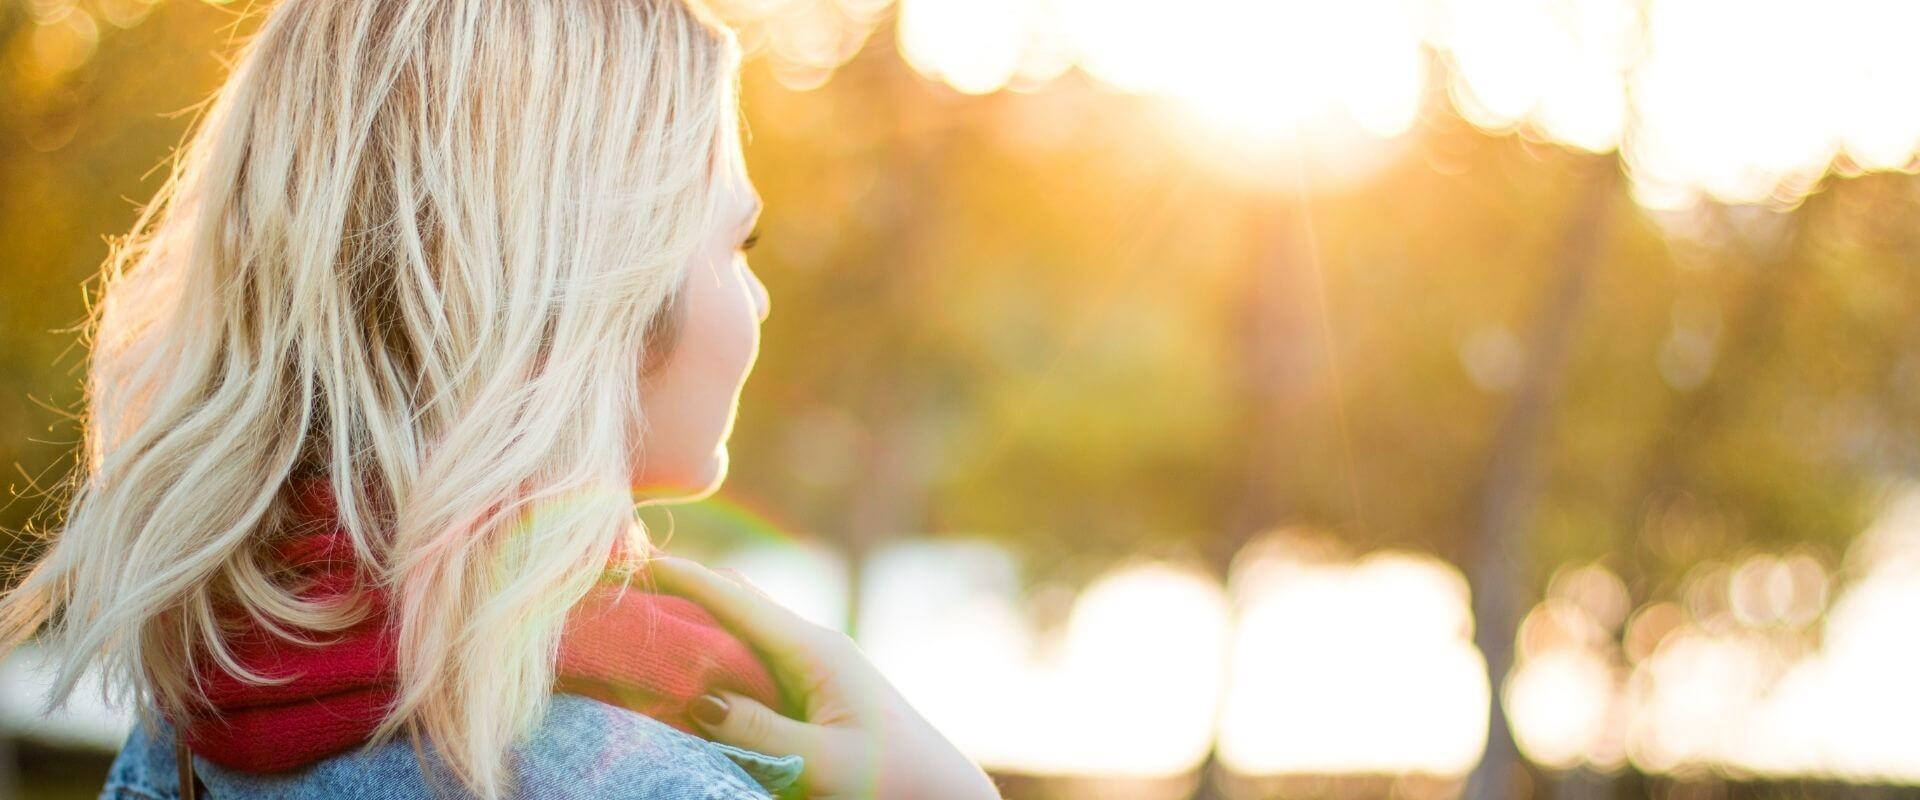 Kinderwunsch? Welche Rolle spielt die Schilddrüse dabei?